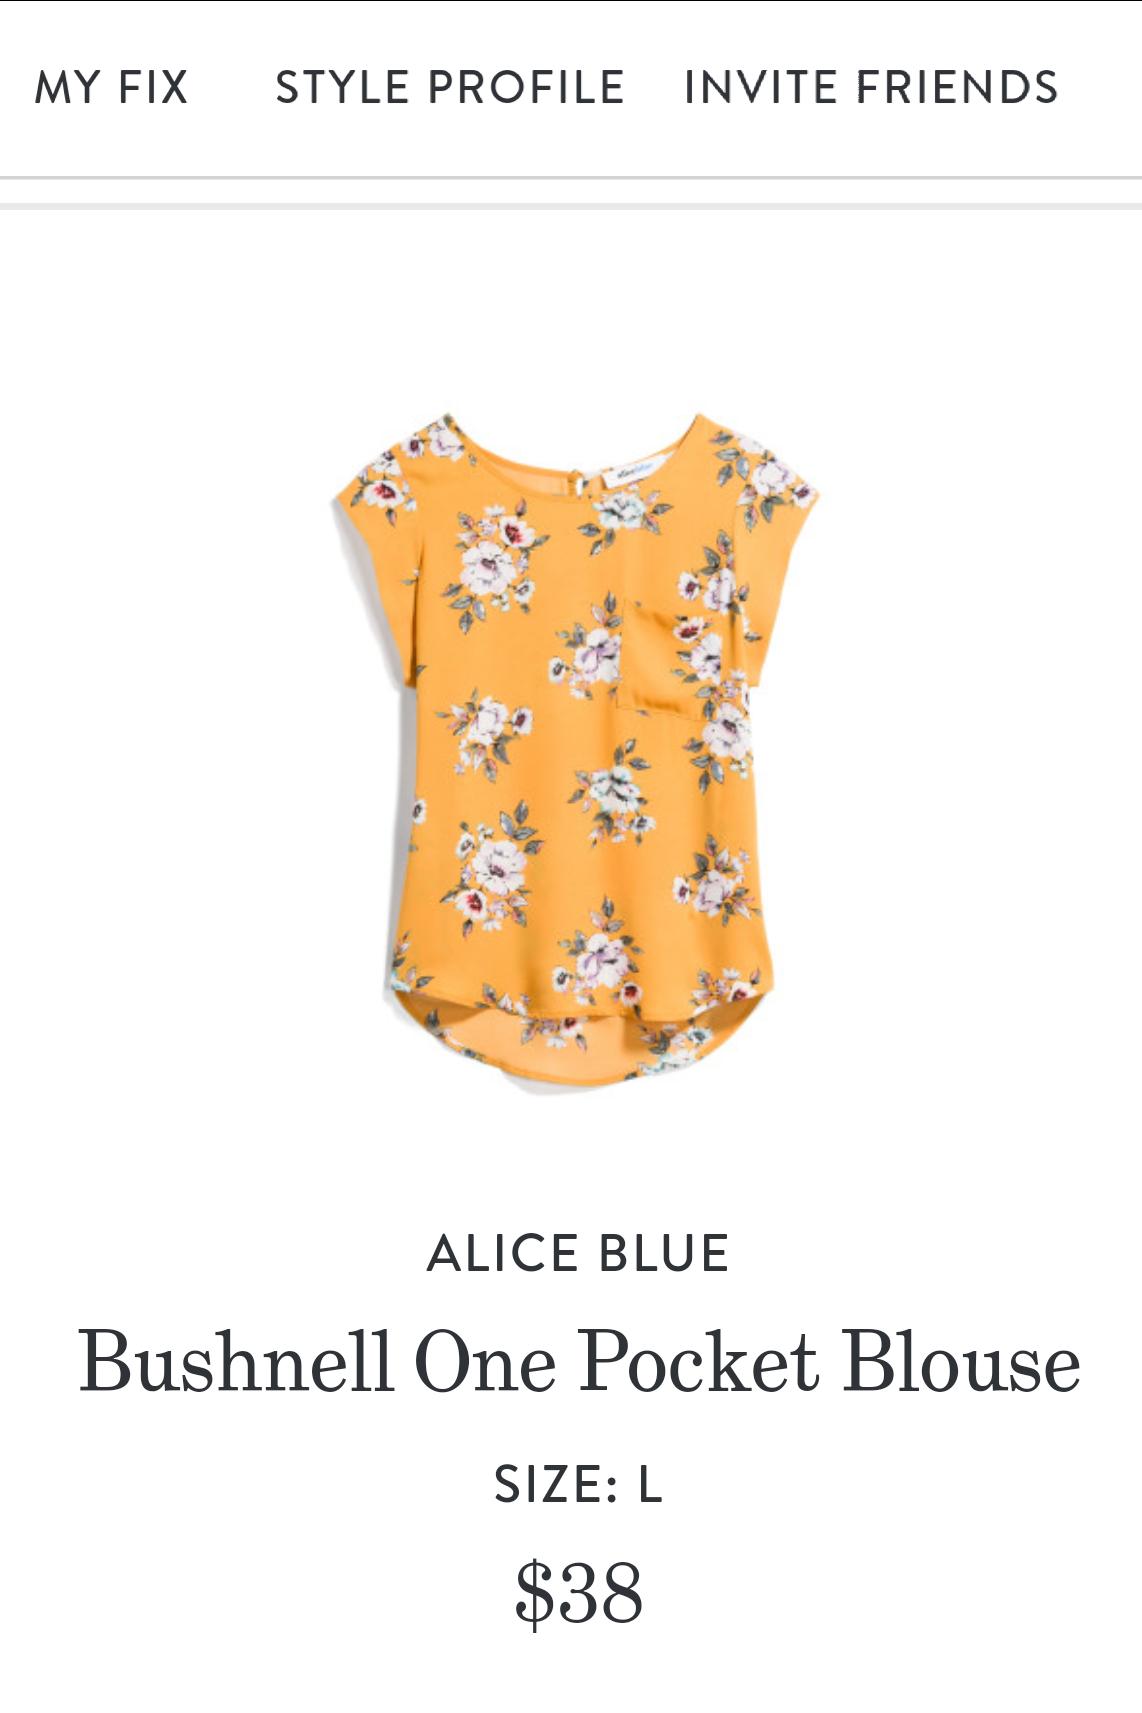 Alice Blue Bushnell One Pocket Blouse